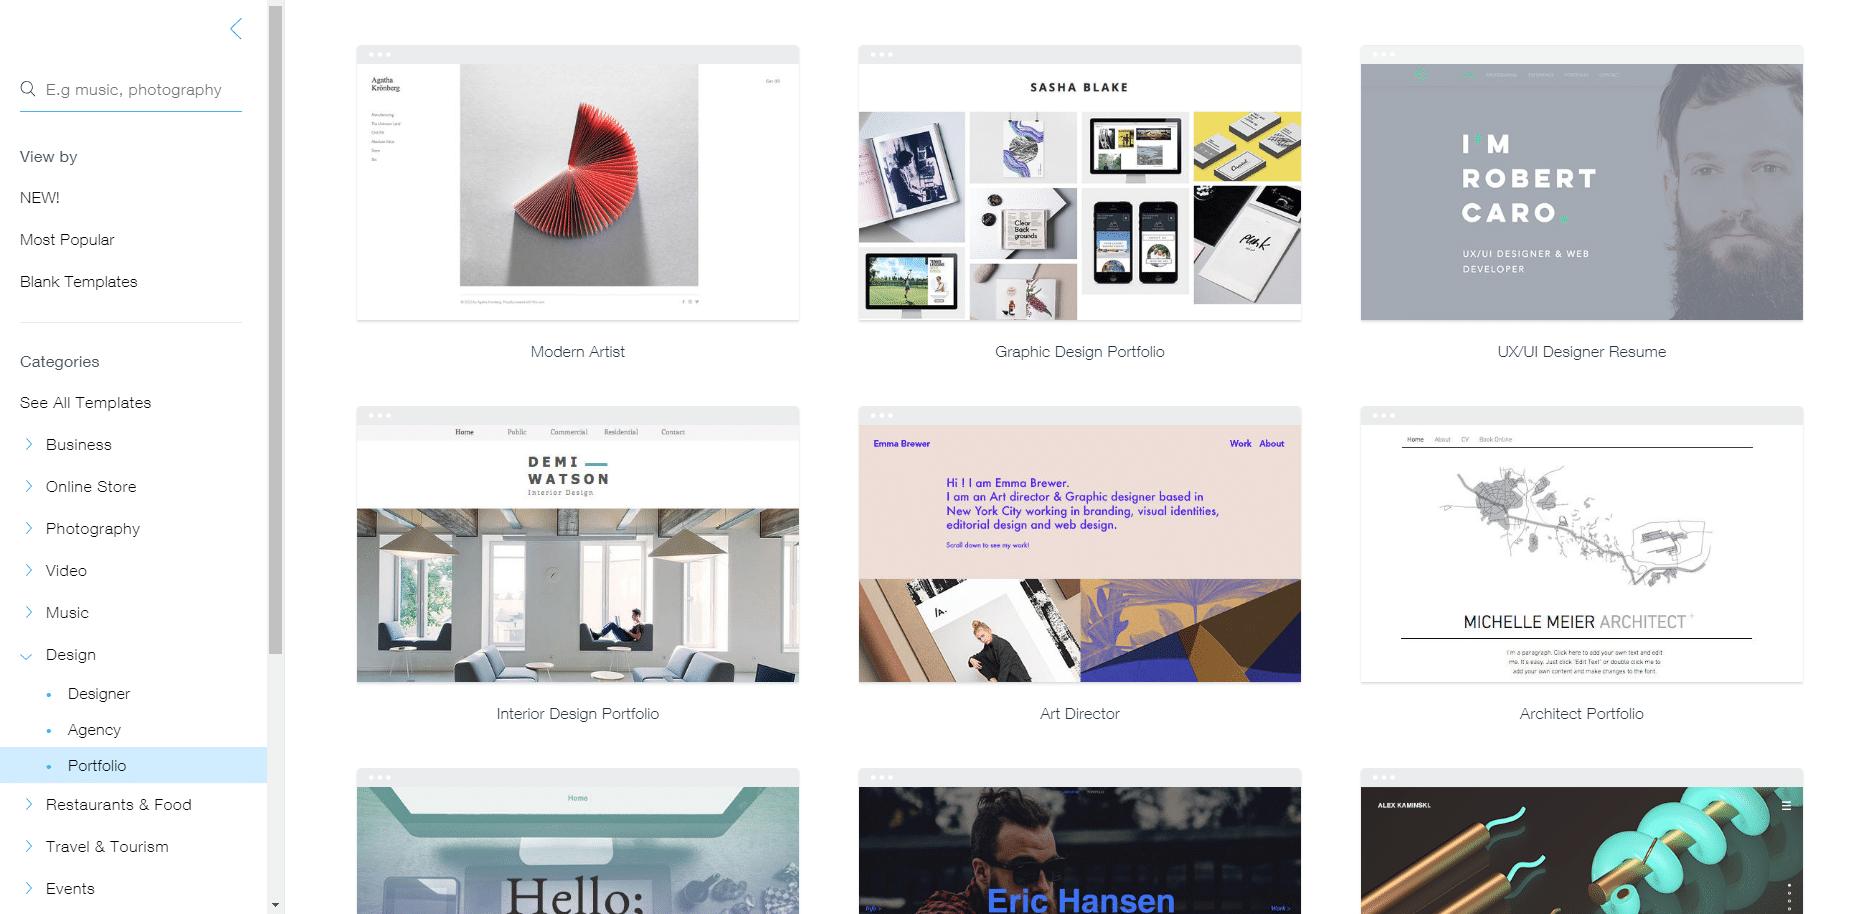 Top 10 Portfolio Sites For Designers